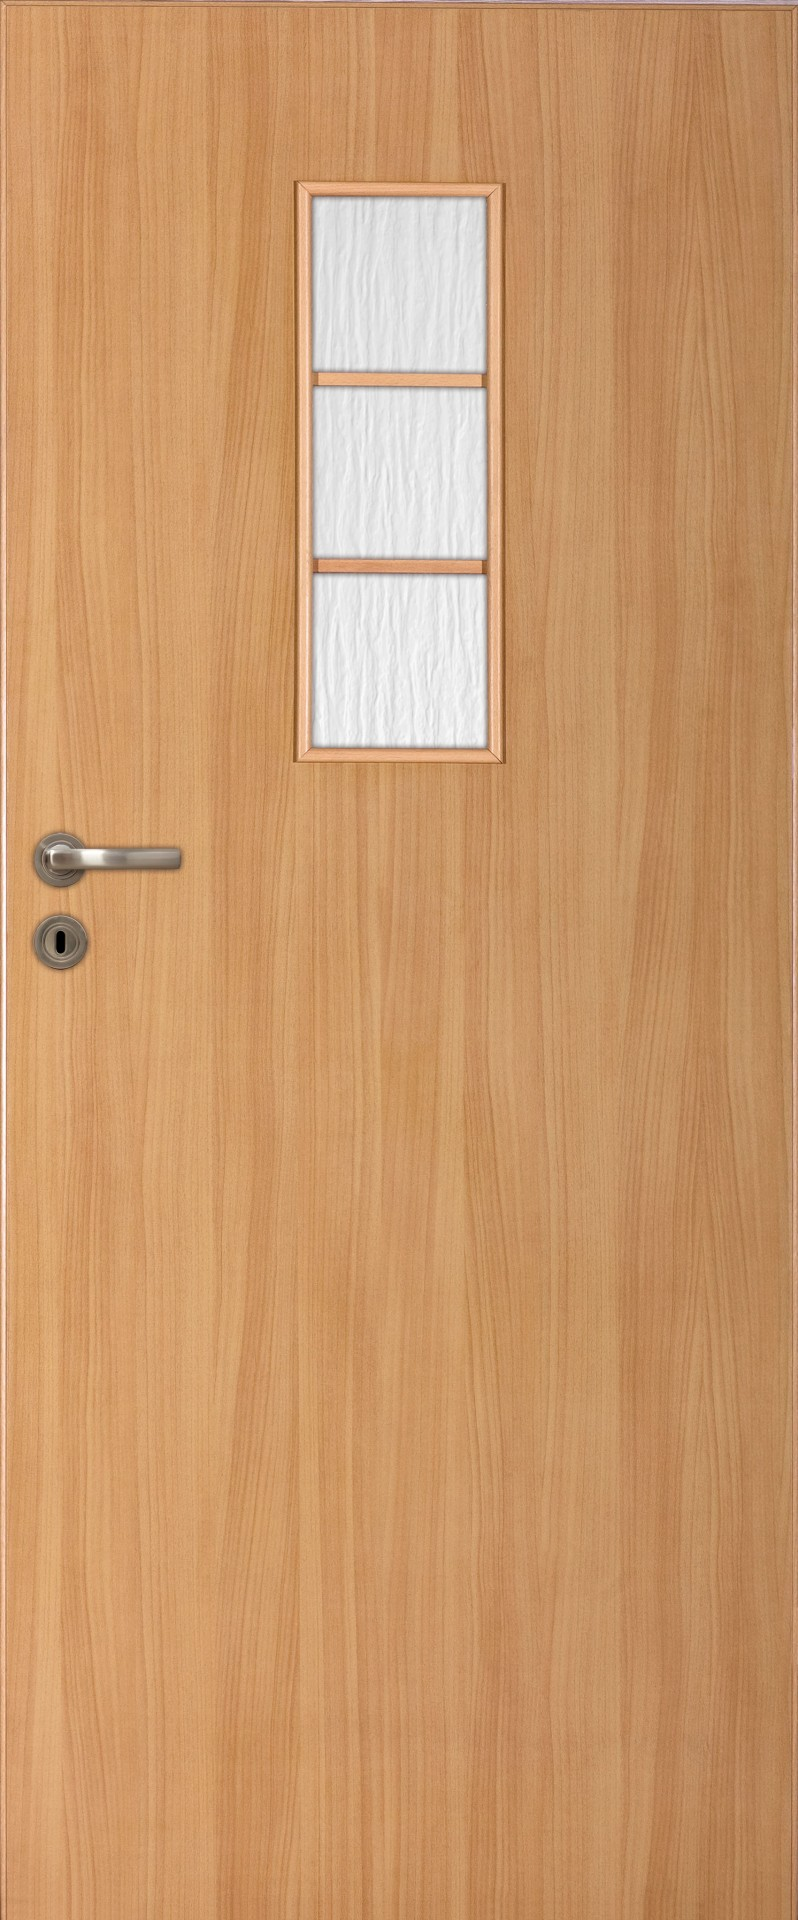 Dre dveře Lack 50s, Šíře v cm 70